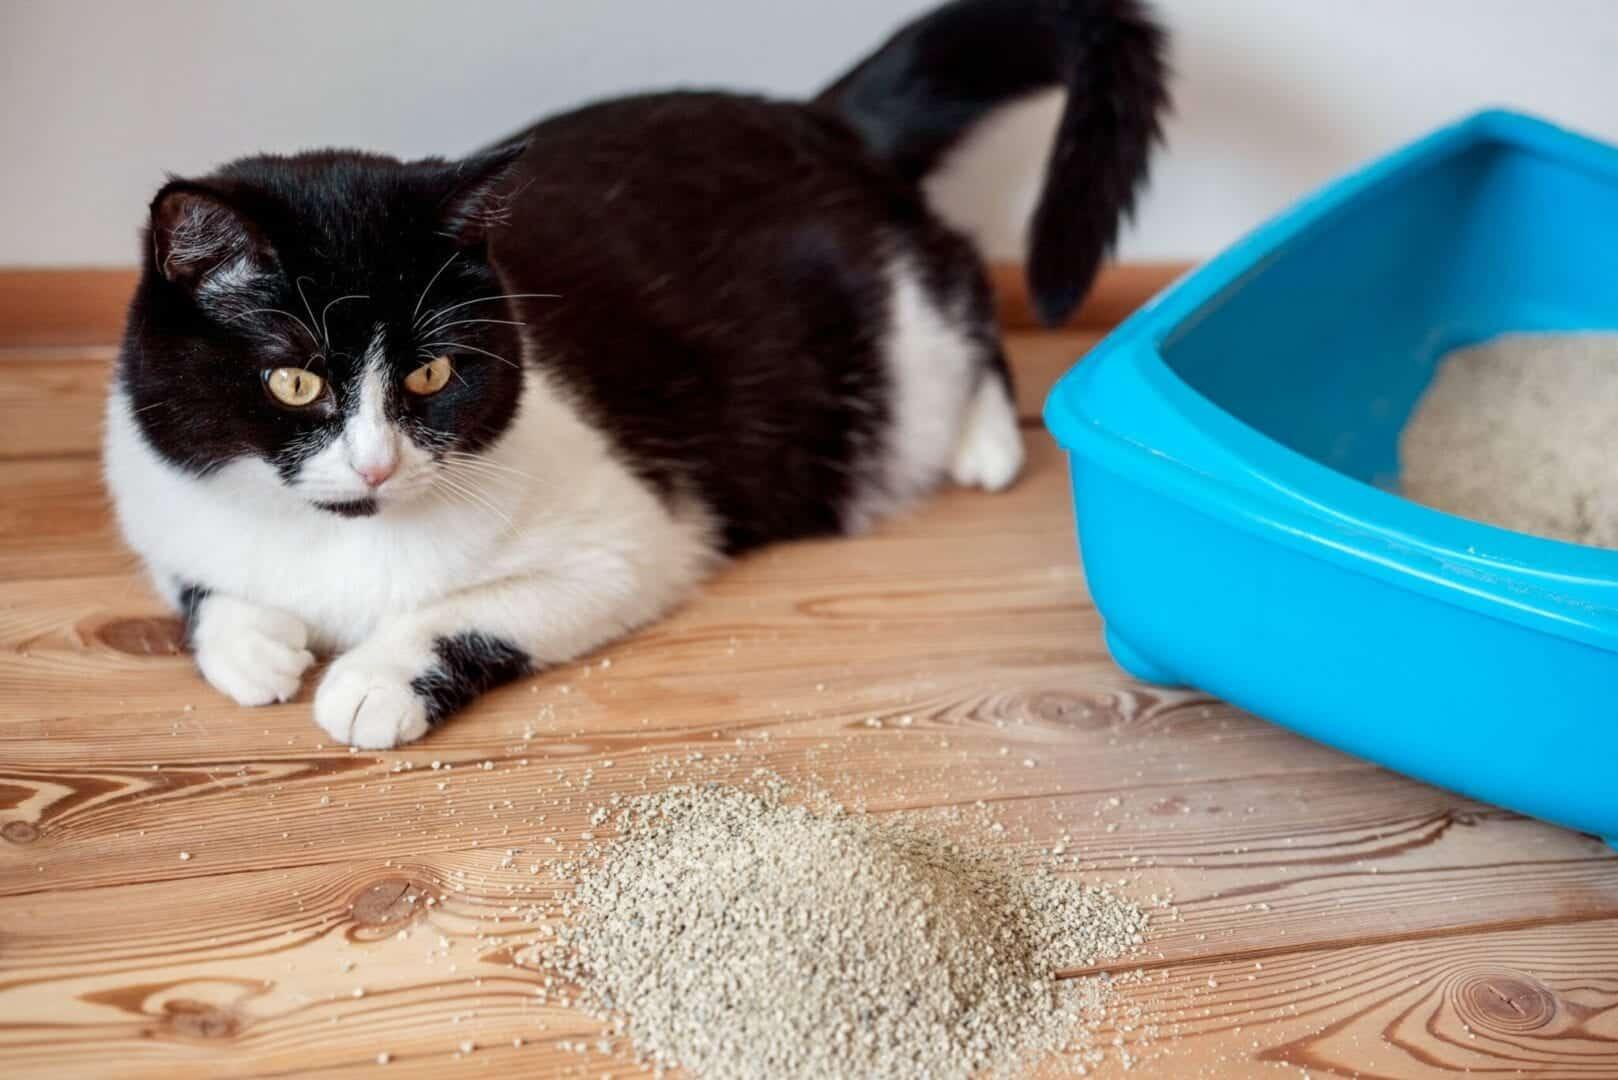 eating kitty litter